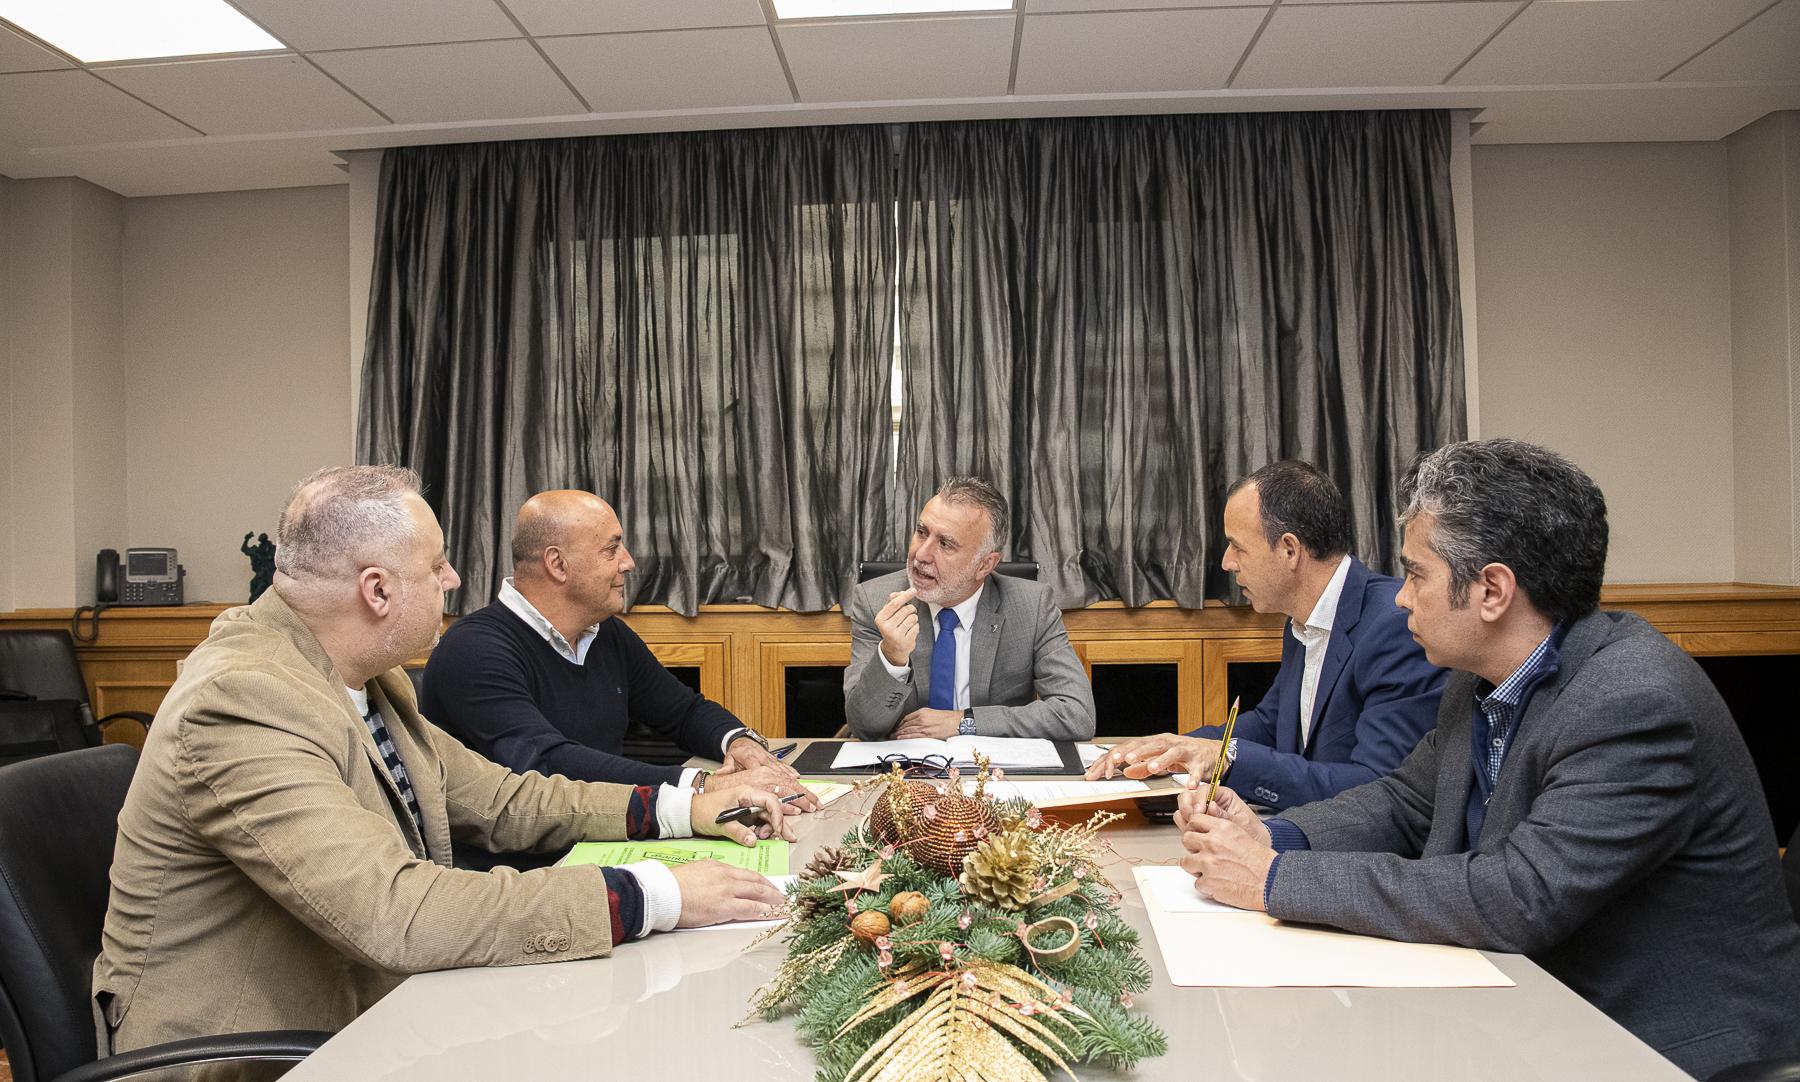 Gobierno de Canarias - Asamblea 7 Islas